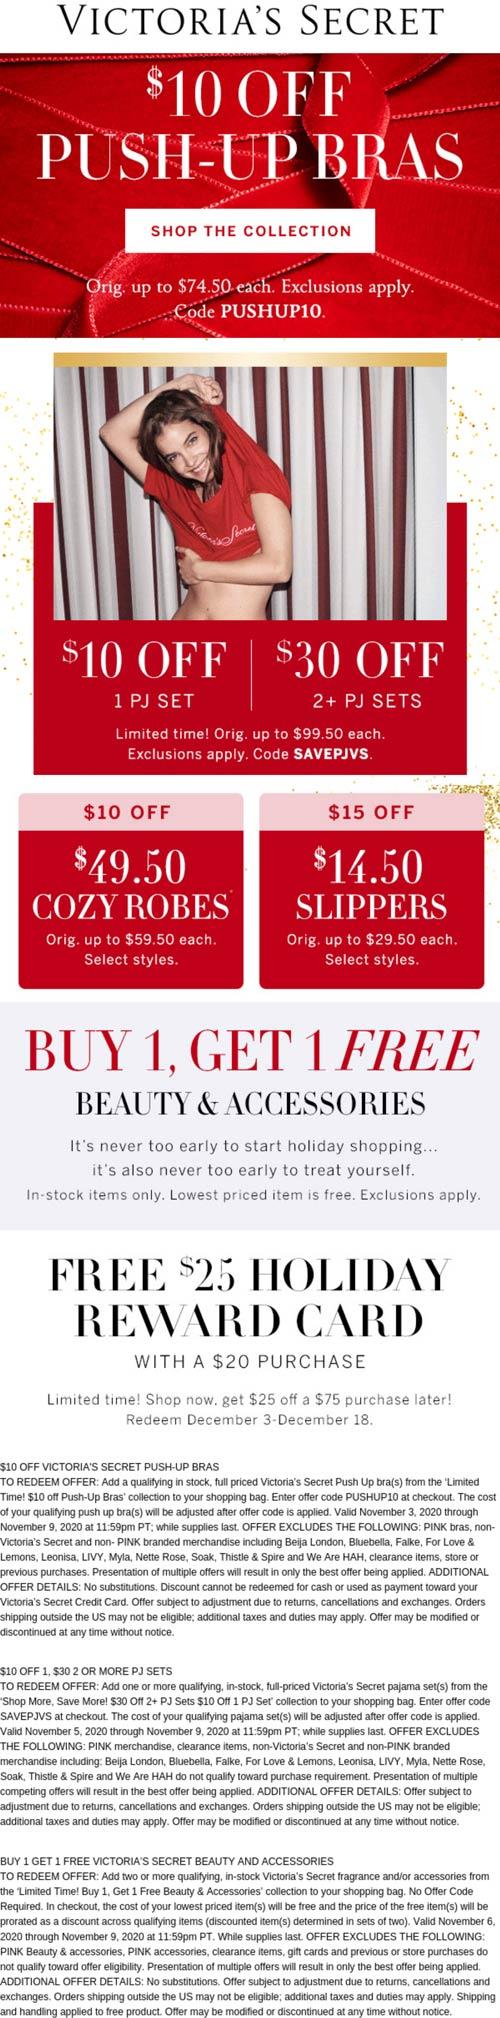 Victorias Secret stores Coupon  Second beauty free, $10 off push up bras, PJ sets & more at Victorias Secret via promo code SAVEPJVS #victoriassecret